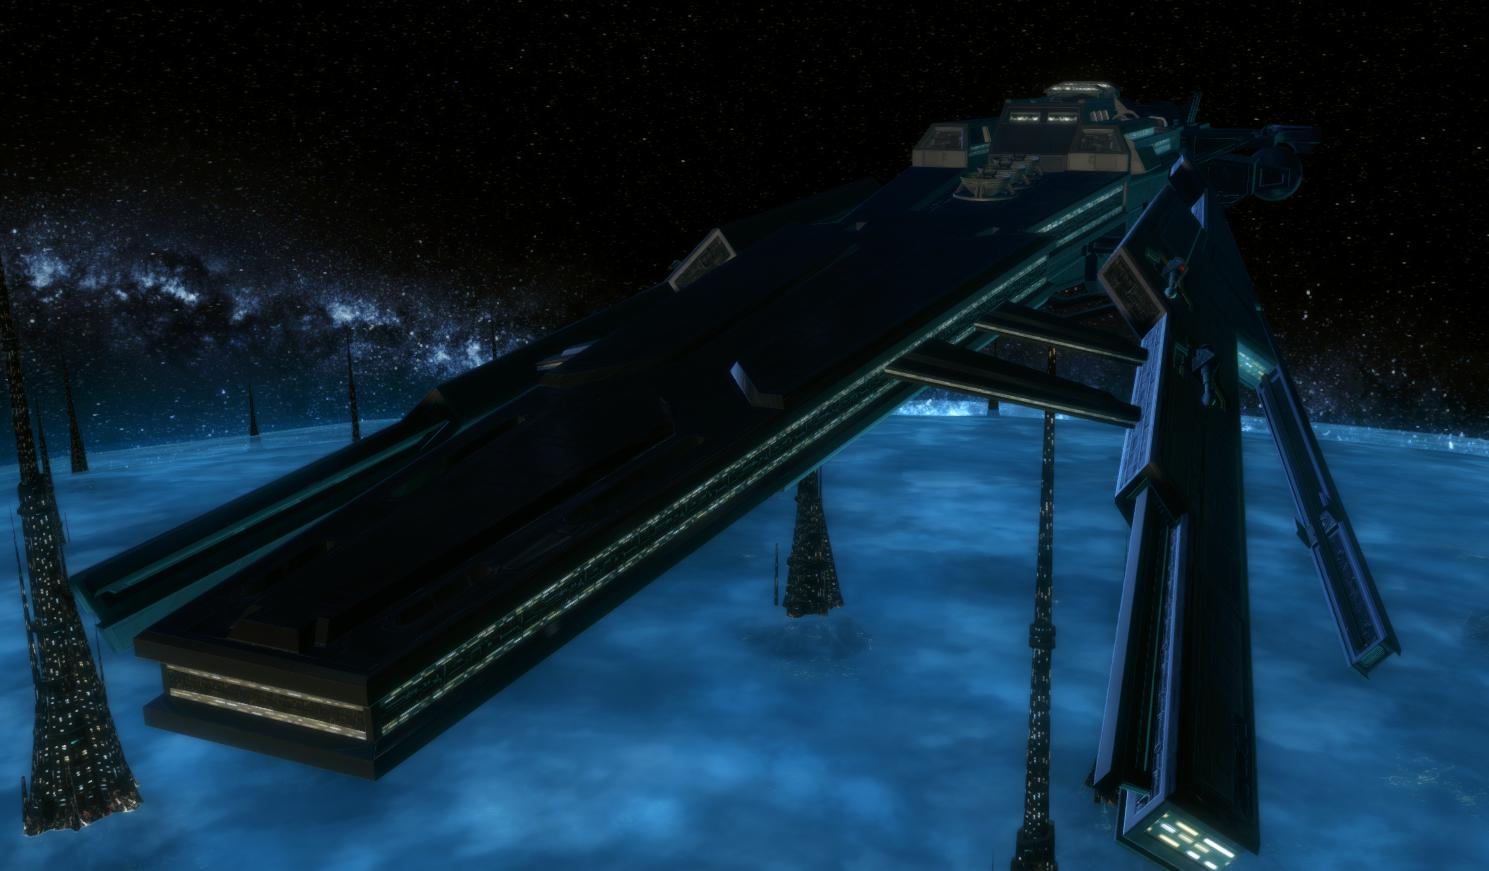 Croiseur de l'Empire Éternel